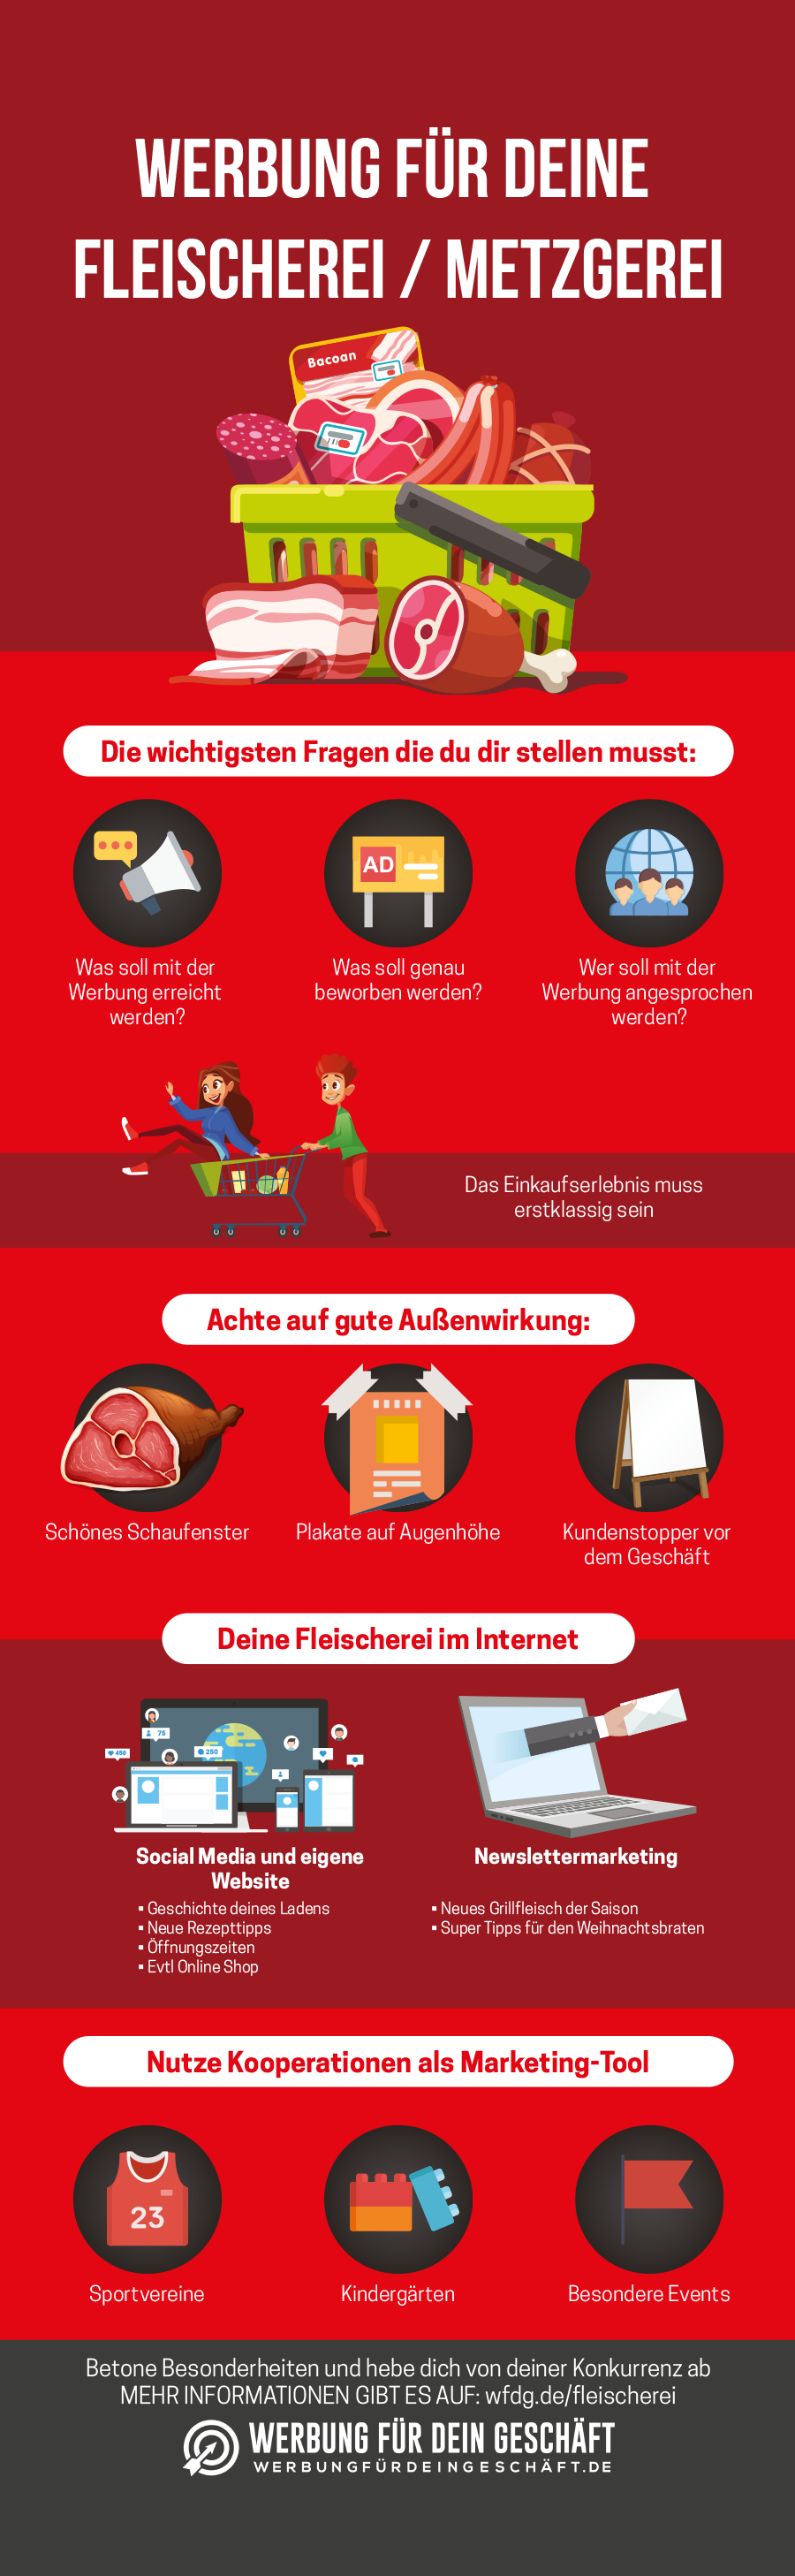 Infografik zum Thema Werbung für Fleischereien und Metzgereien